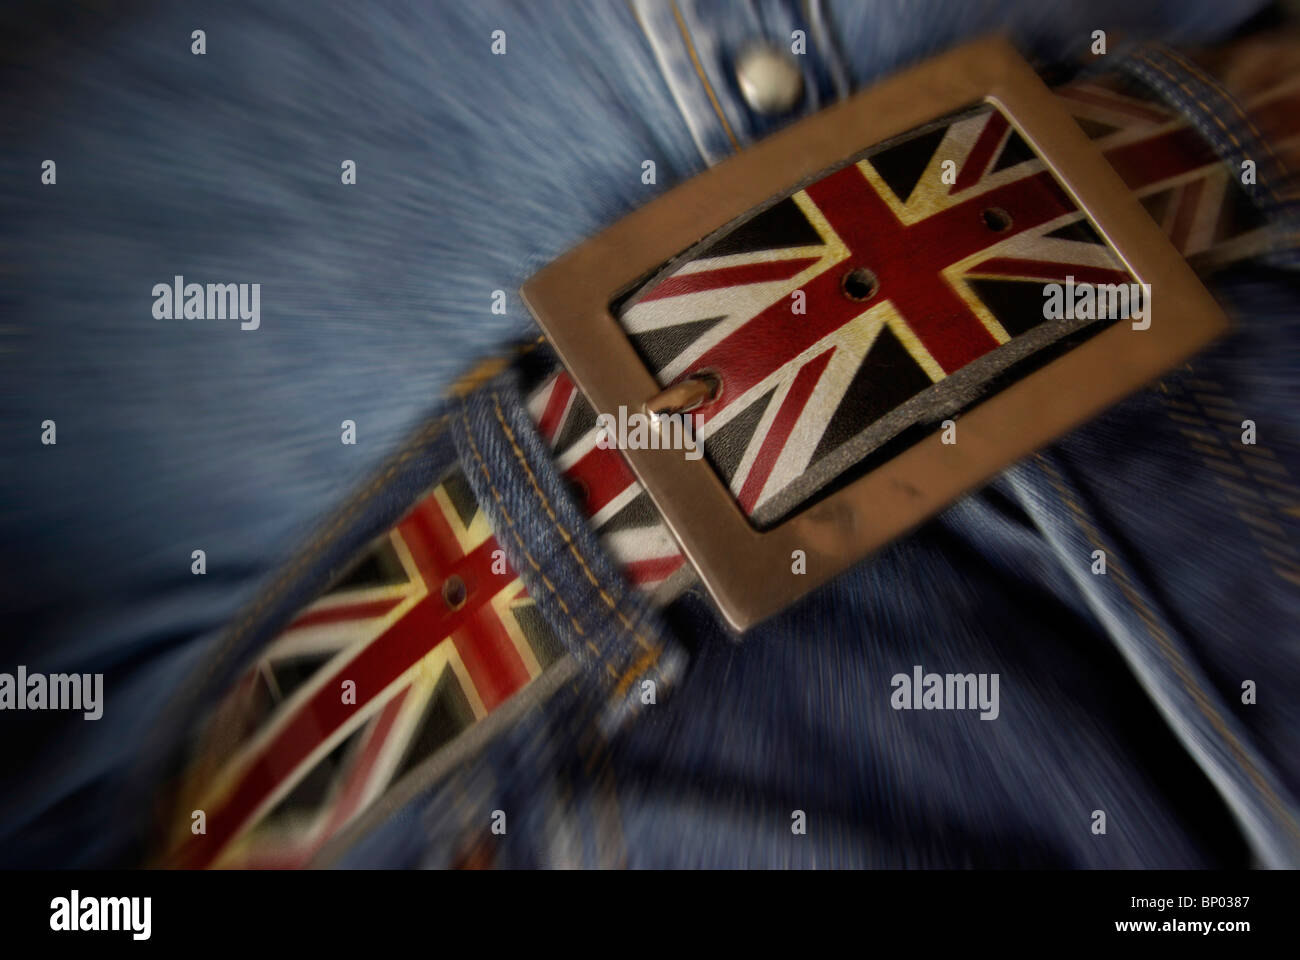 Ziehen Sie Ihre Gurtstraffung Ihre Gürtel-Konzept mit die britische Flagge. (Kostensenkung, Einsparungen im Haushalt) Stockfoto